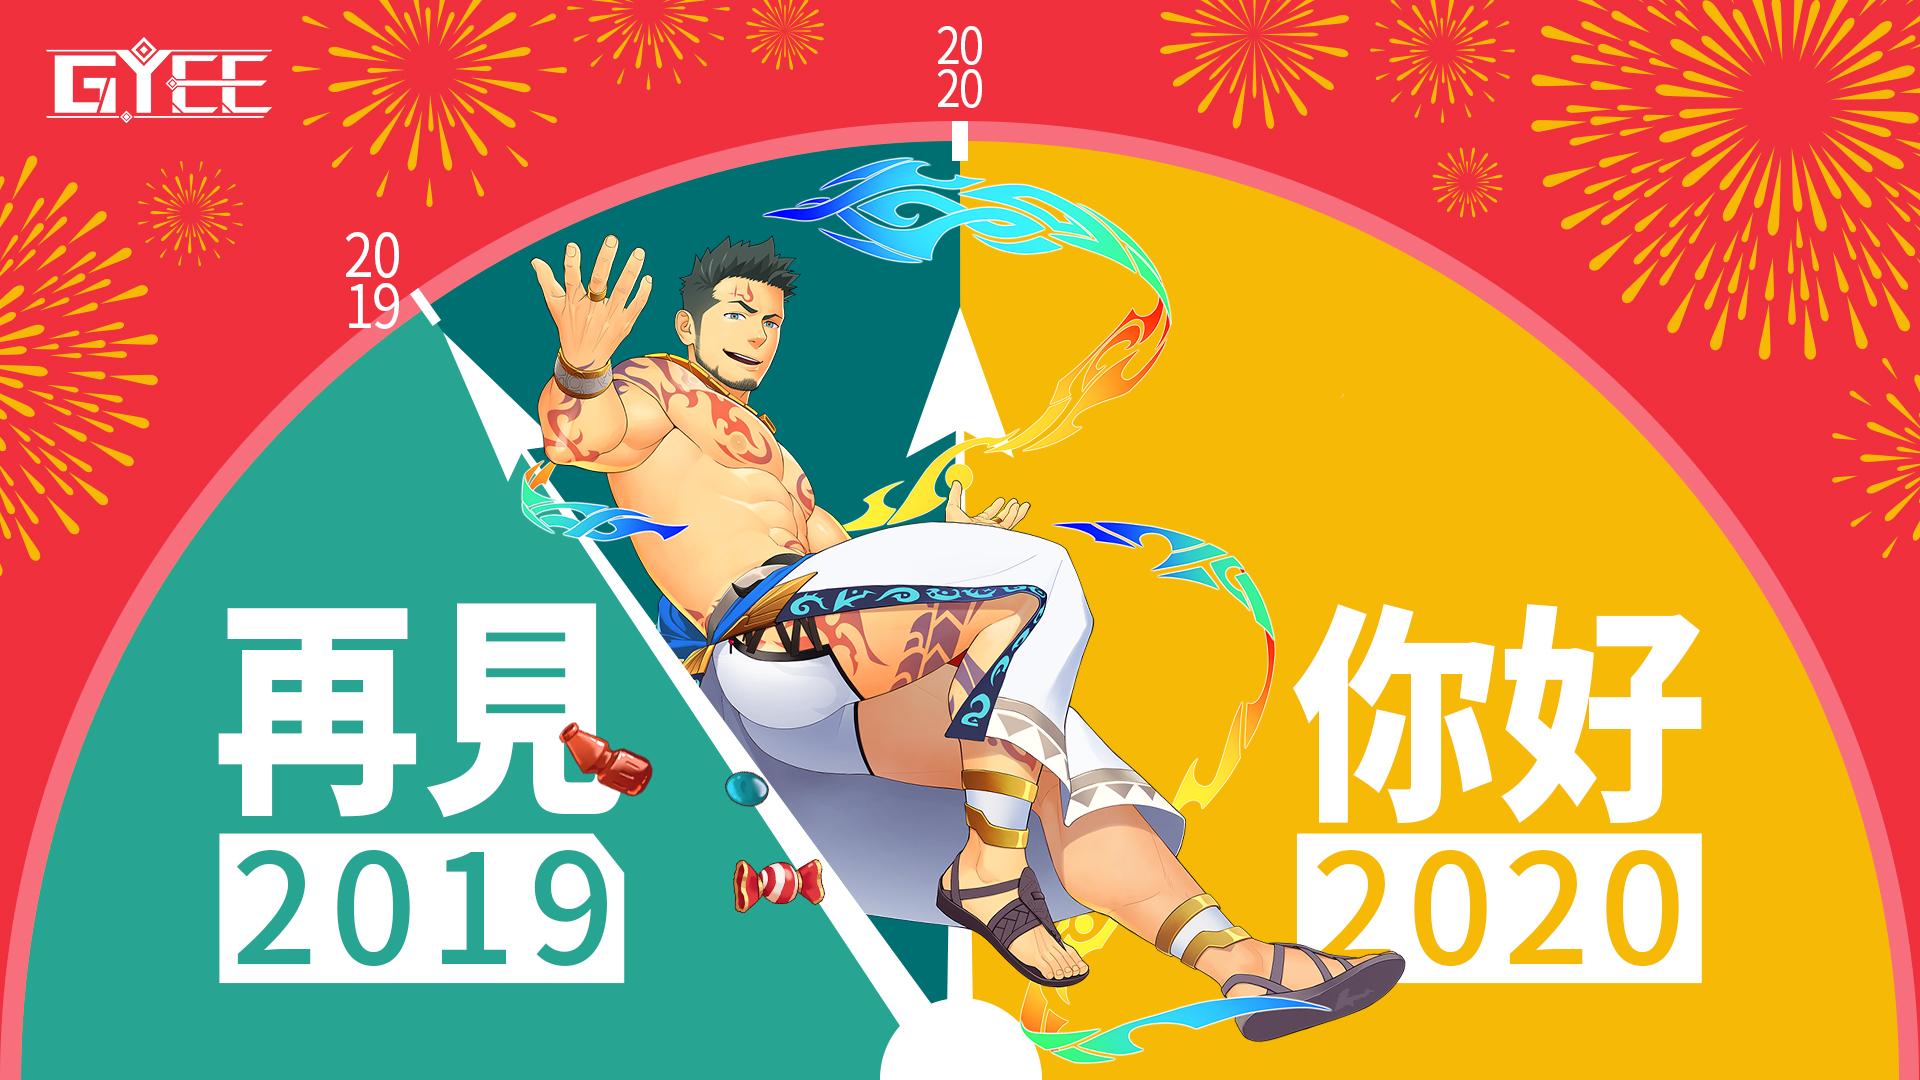 新年快樂!暨01月2日停機維護公告-2019-2020.jpg